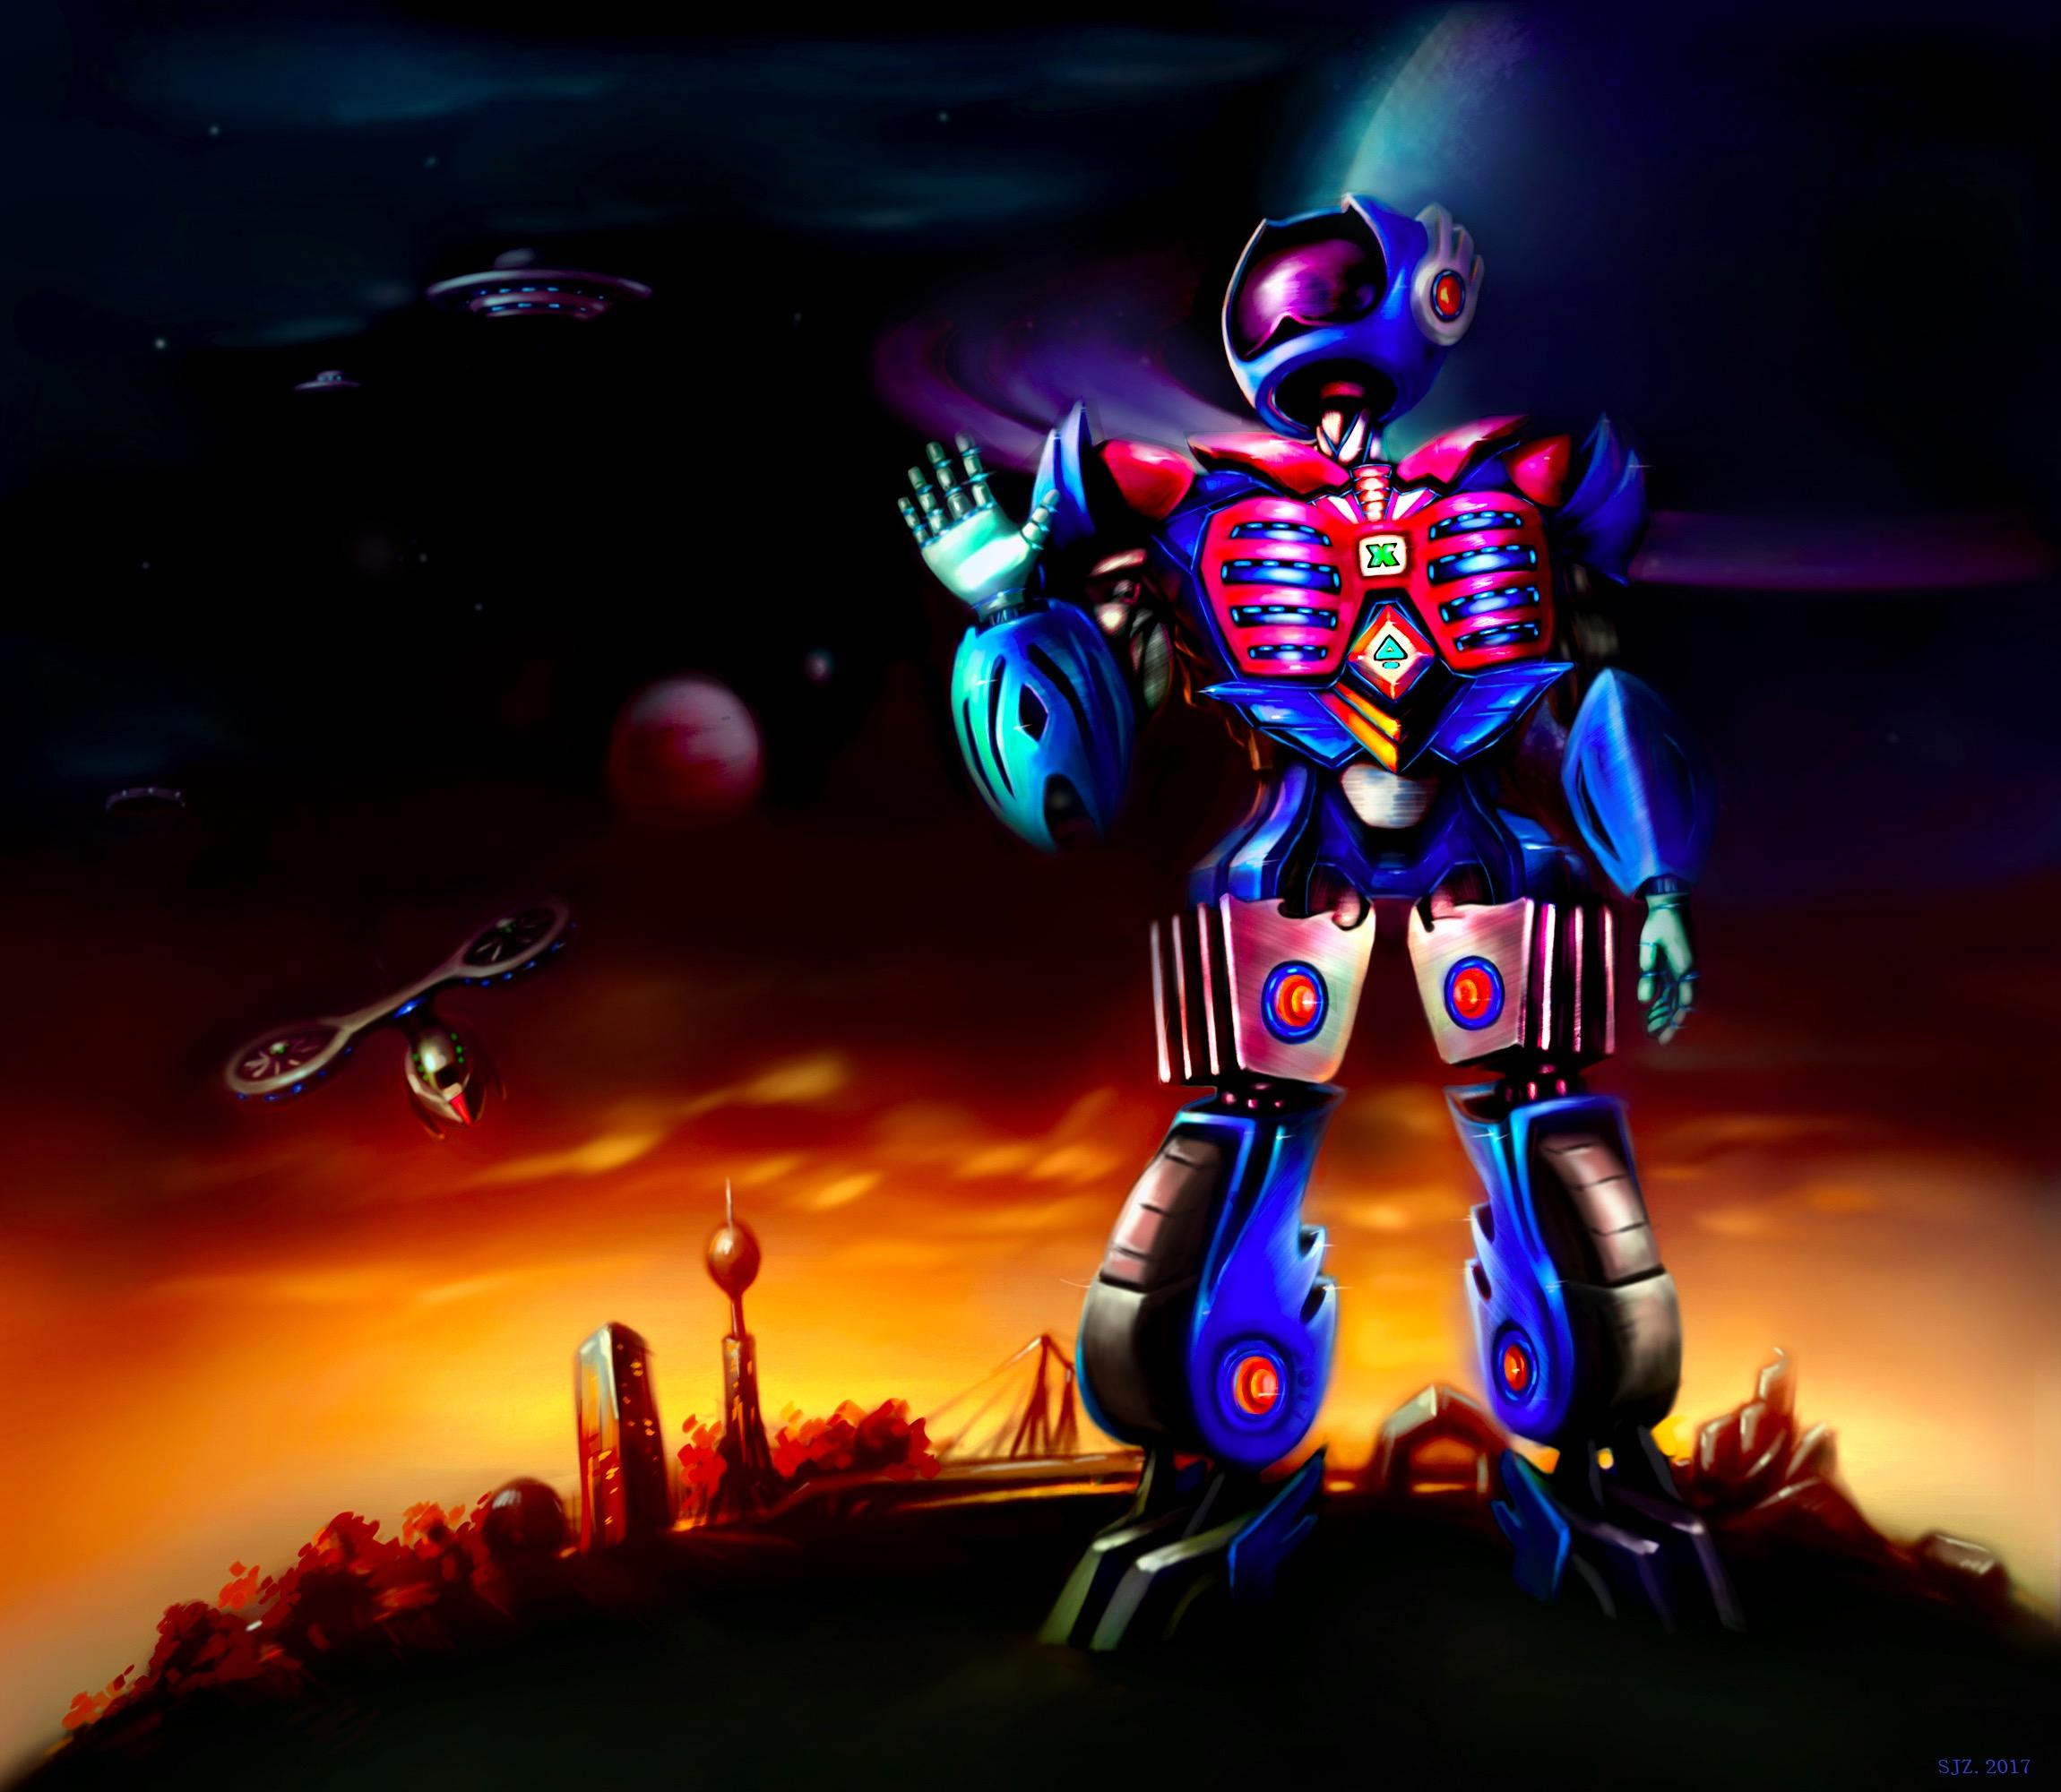 想·未来——我的世界网友作品:机器人Mordeace